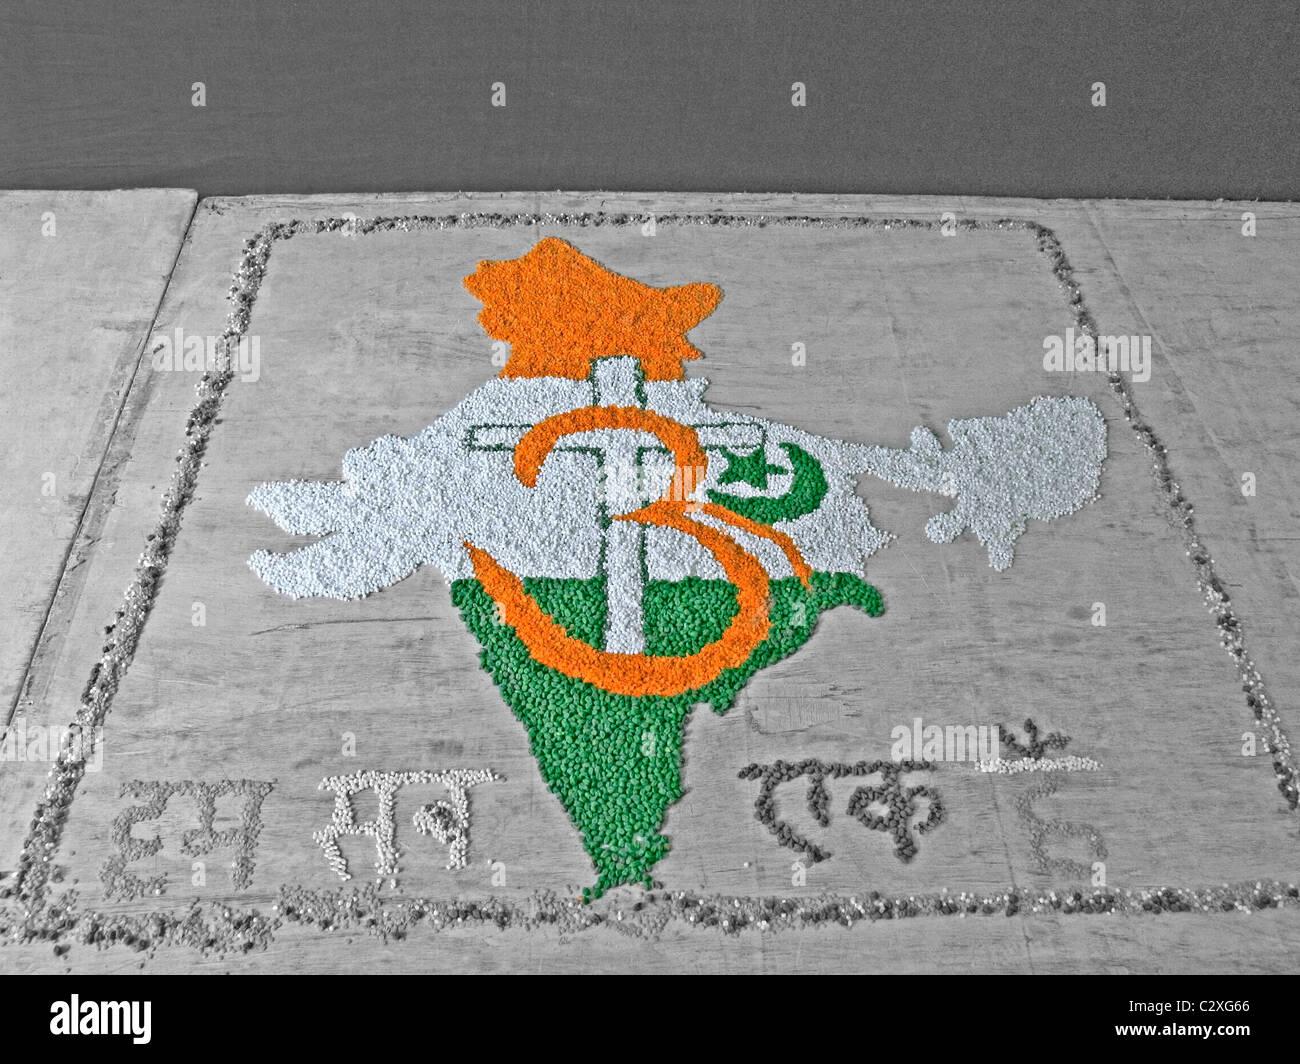 Hindu Muslim Christian Stock Photos Hindu Muslim Christian Stock